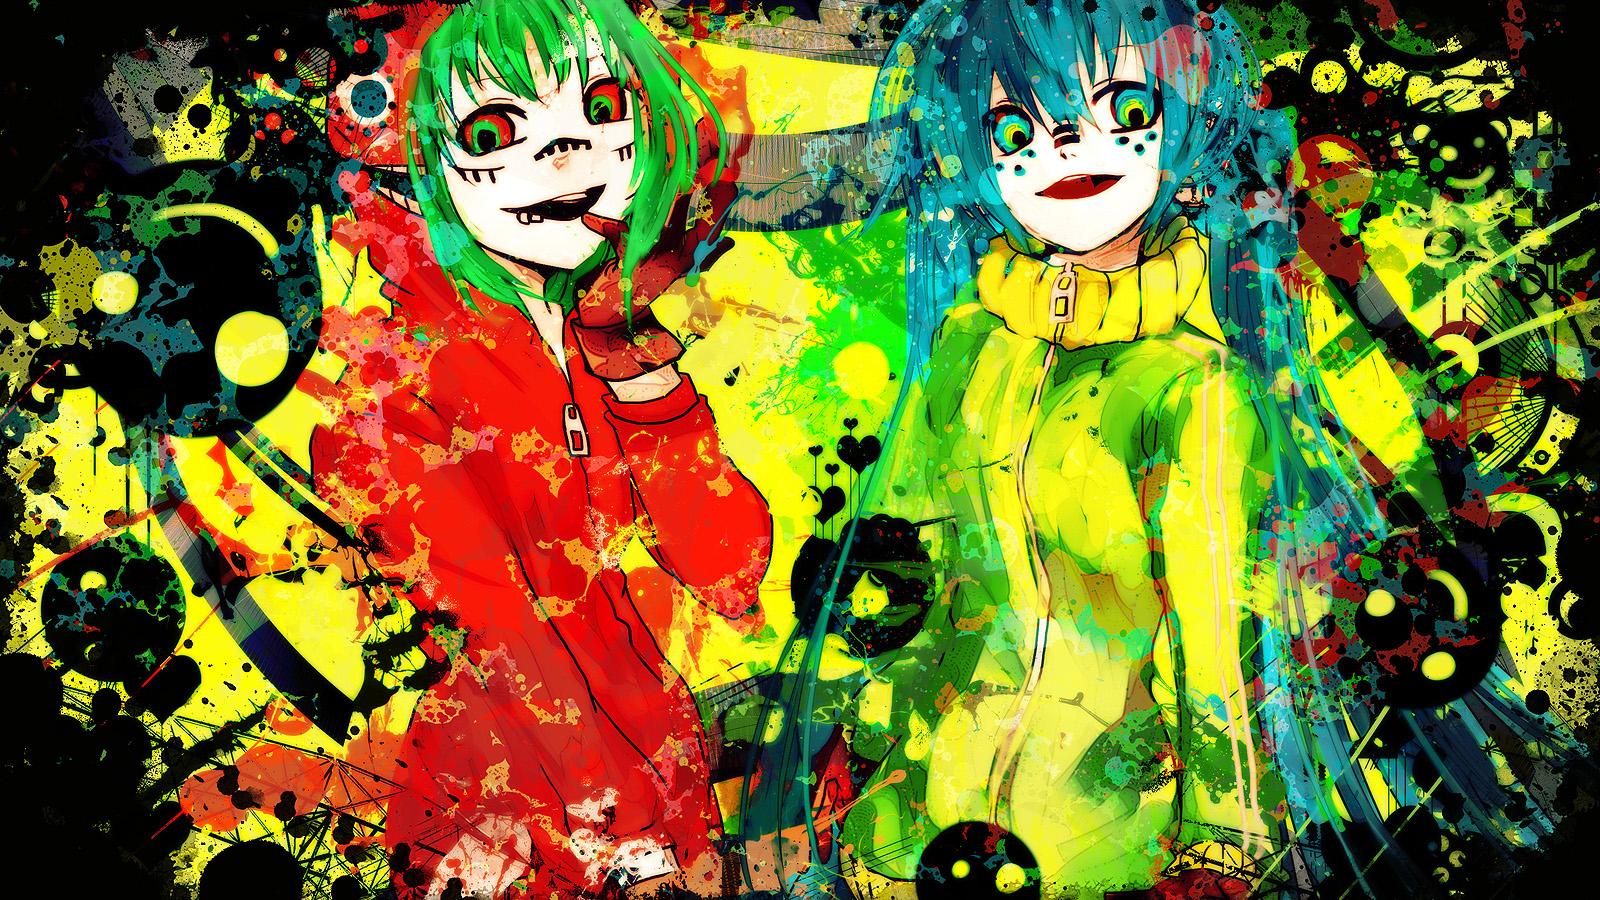 Art ID: 116368